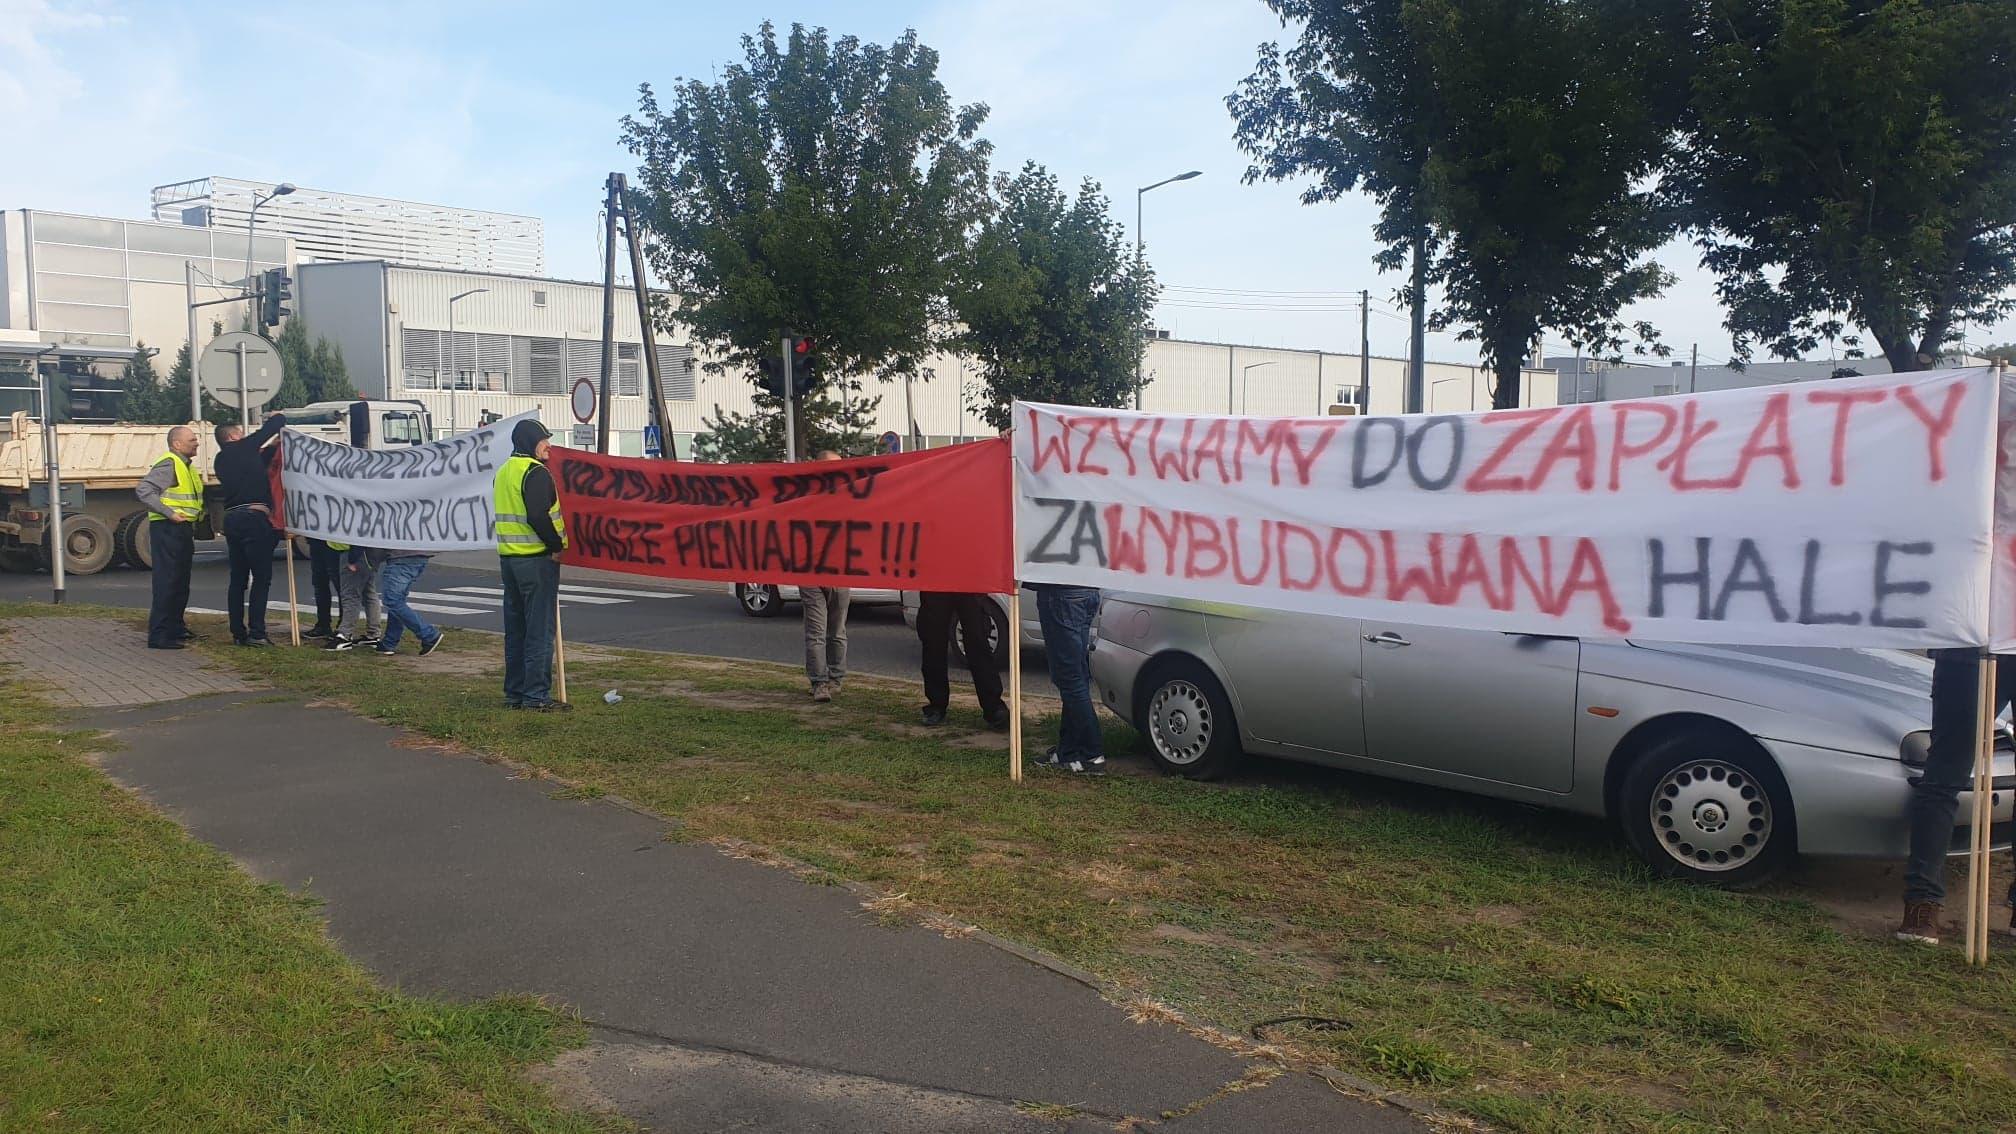 pikieta pod volkswagenem wykonawcy chcą pieniędzy za halę - Michał Jędrkowiak